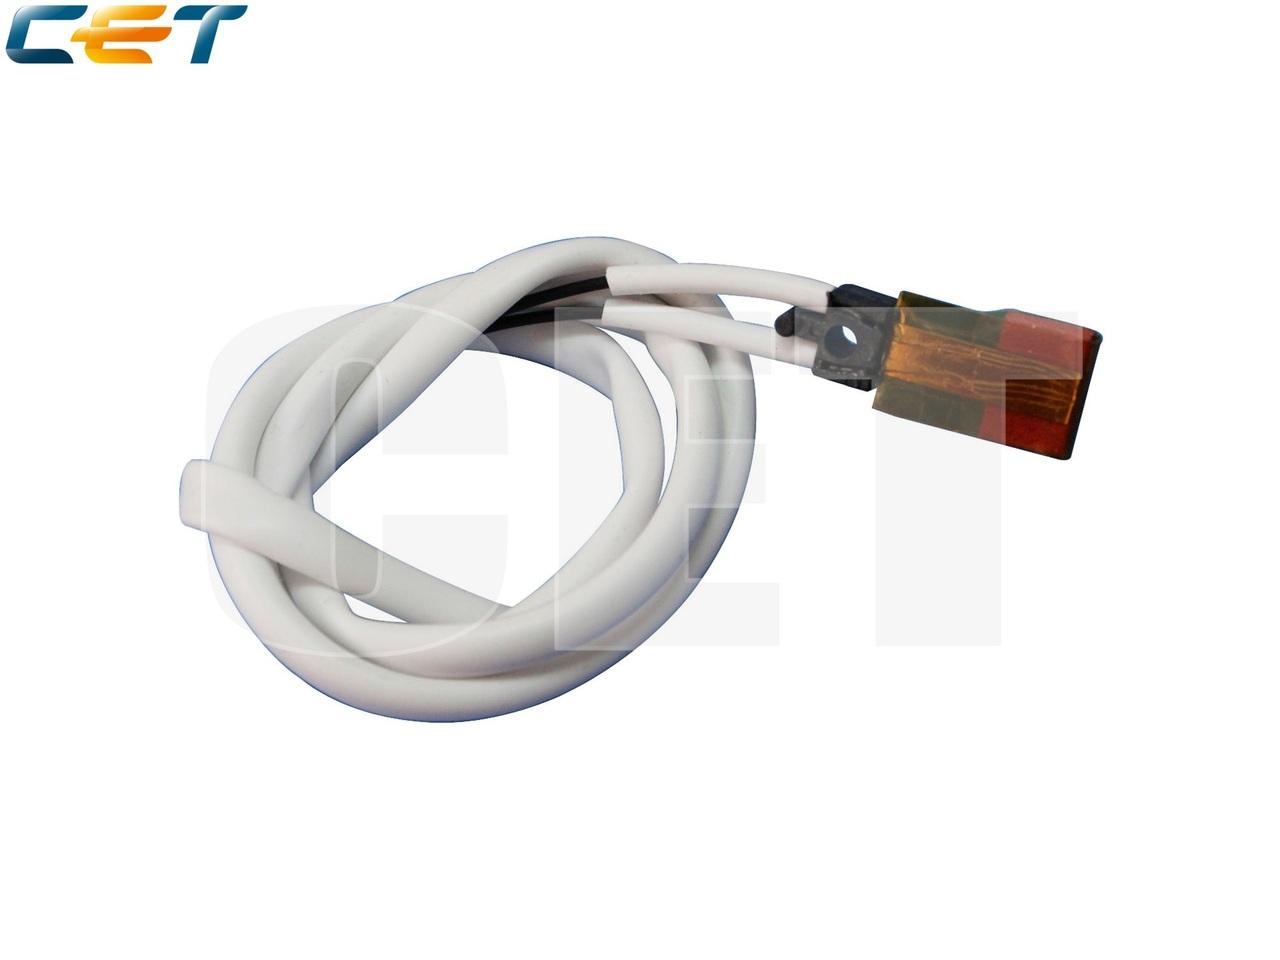 Термистор FM2-4161-000 для CANONiR5055/5065/5075/5070/6570 (CET), CET6781